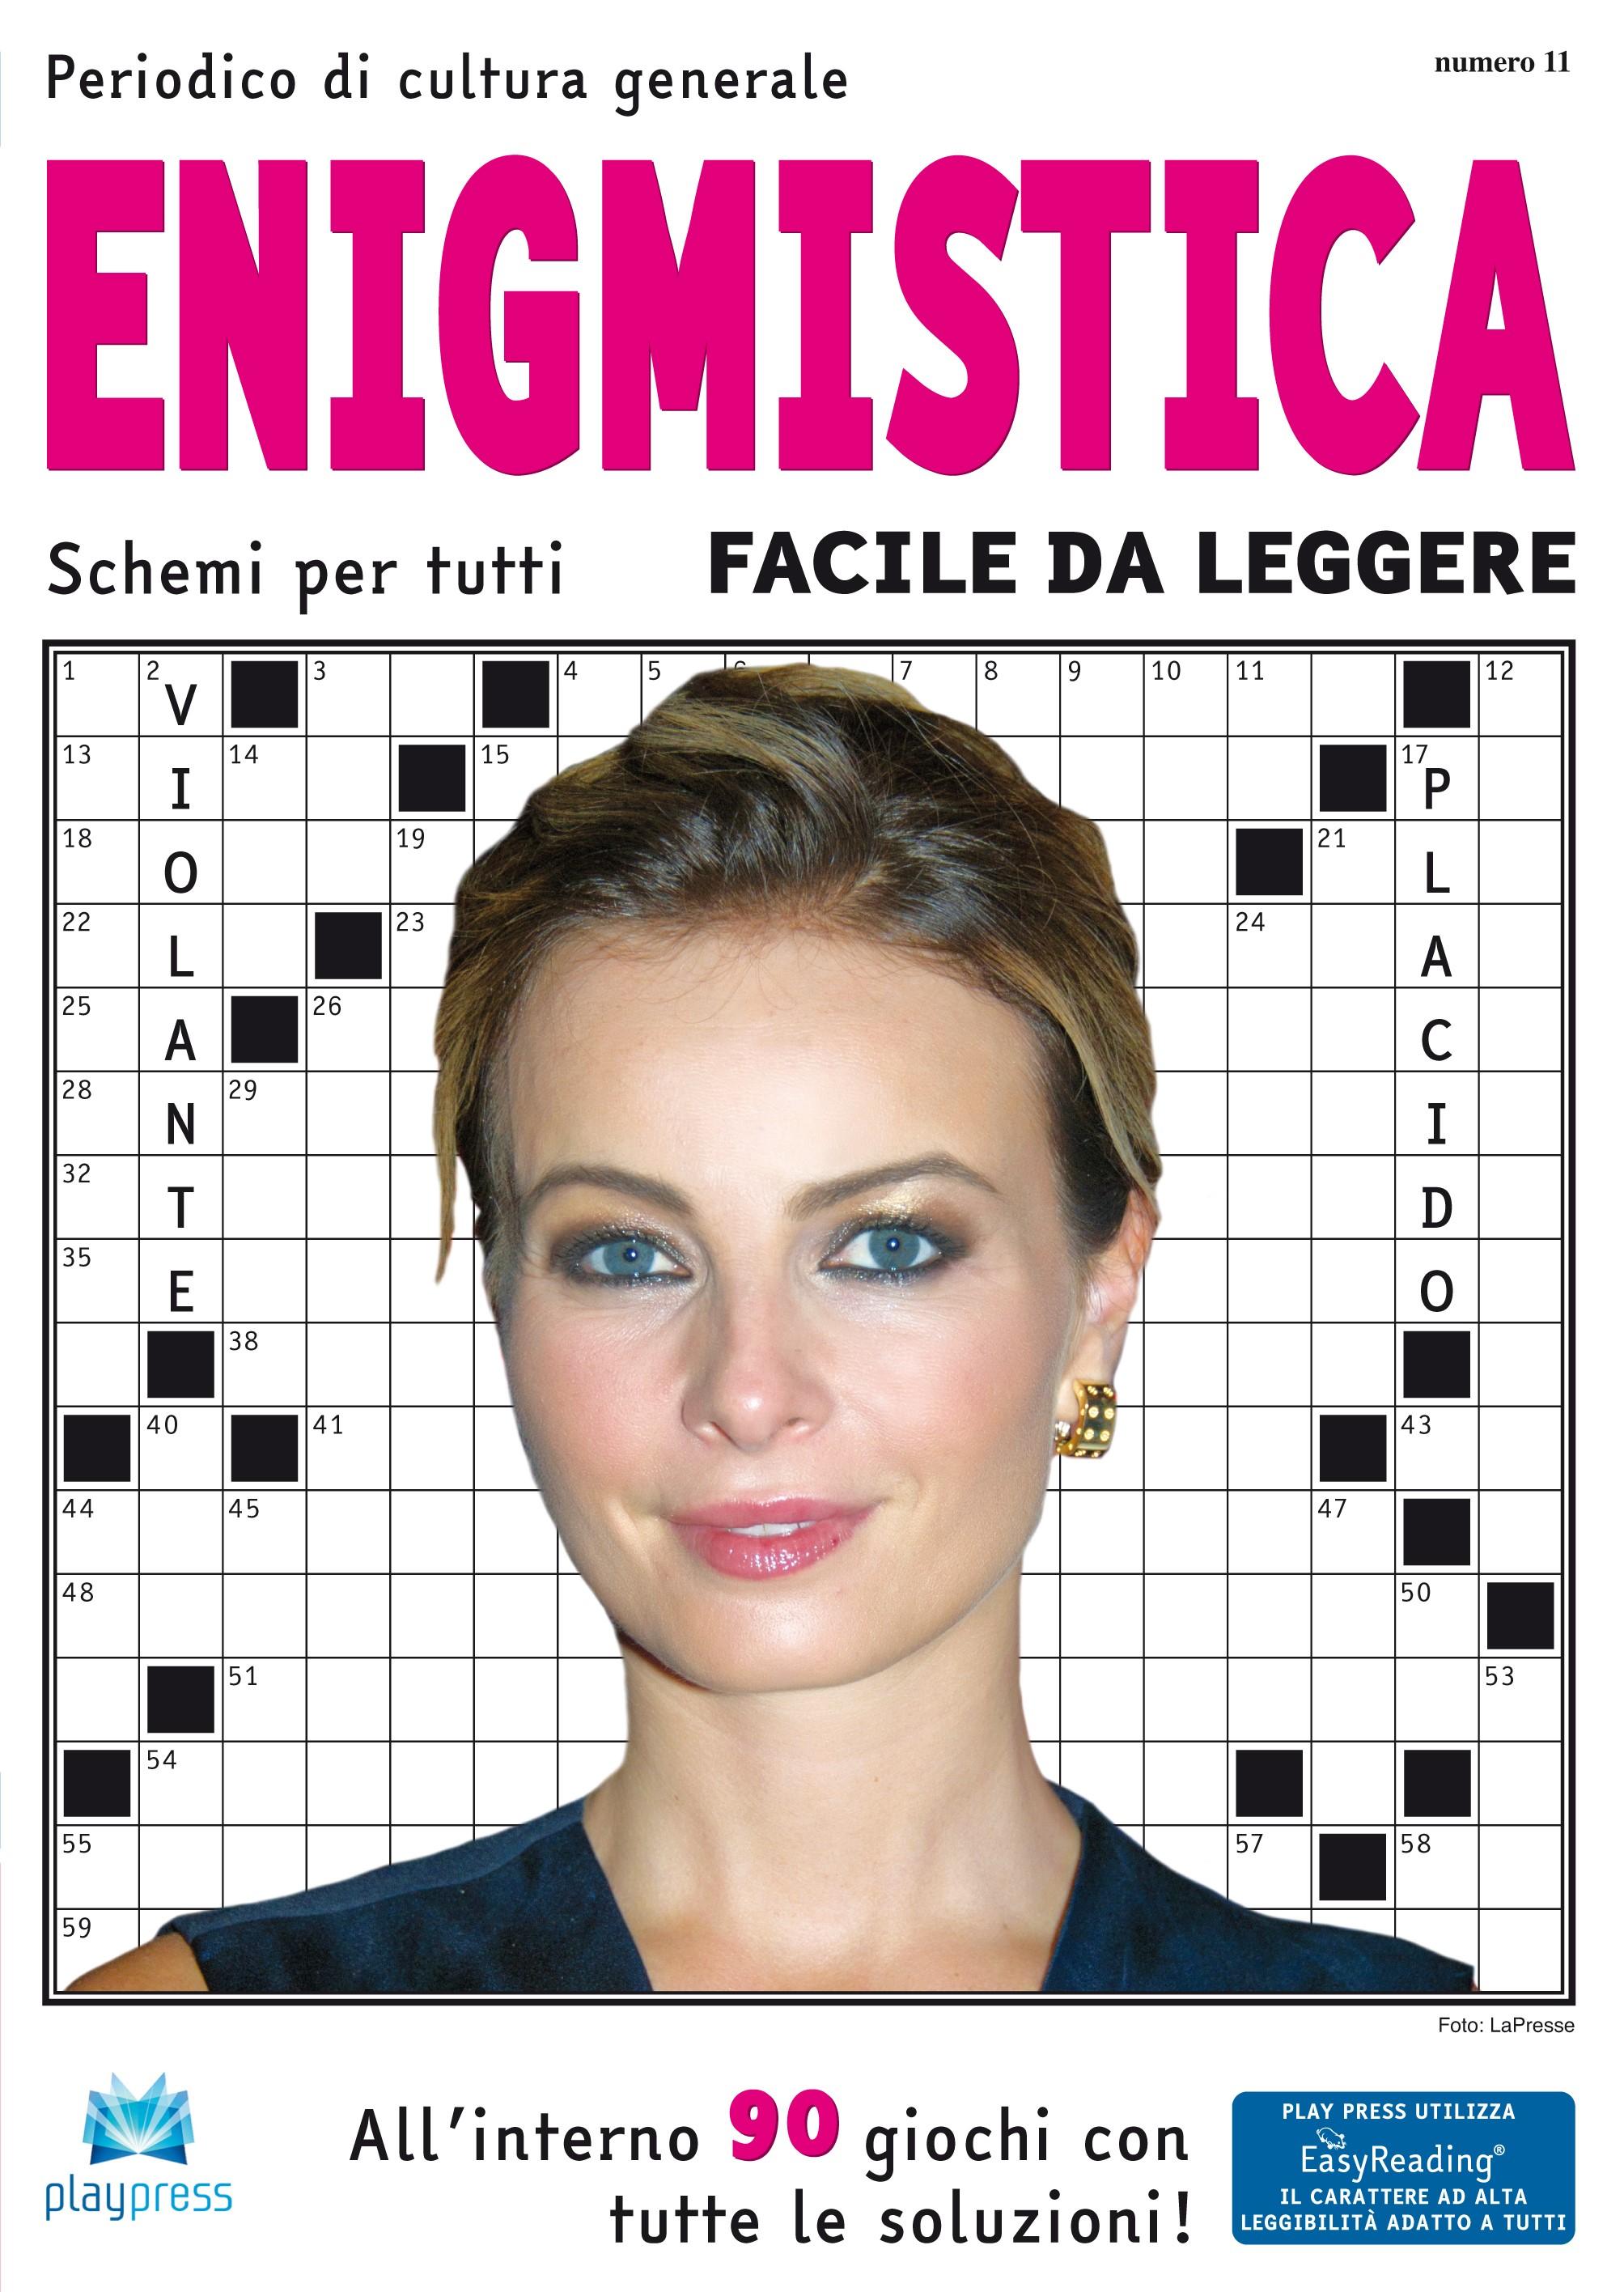 Enigmistica facile da leggere la mia copia for Enigmistica facile da stampare